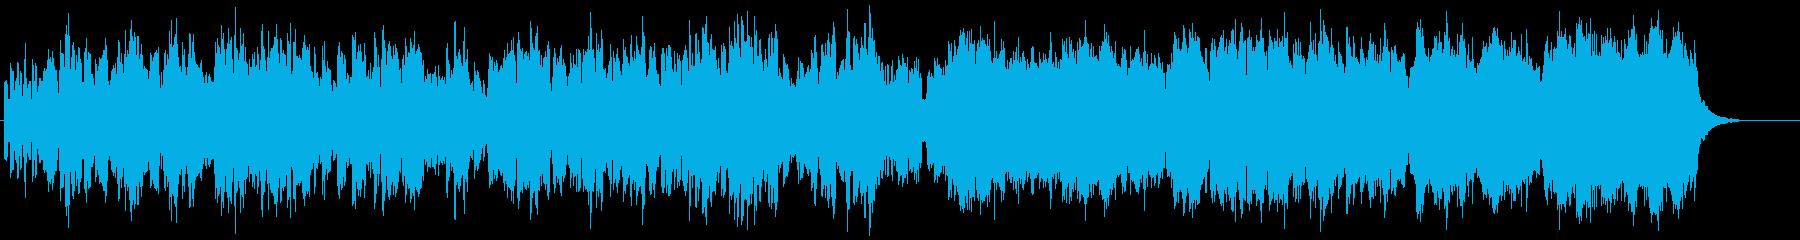 柔らかい優しく展開あるシンセサイザーの曲の再生済みの波形